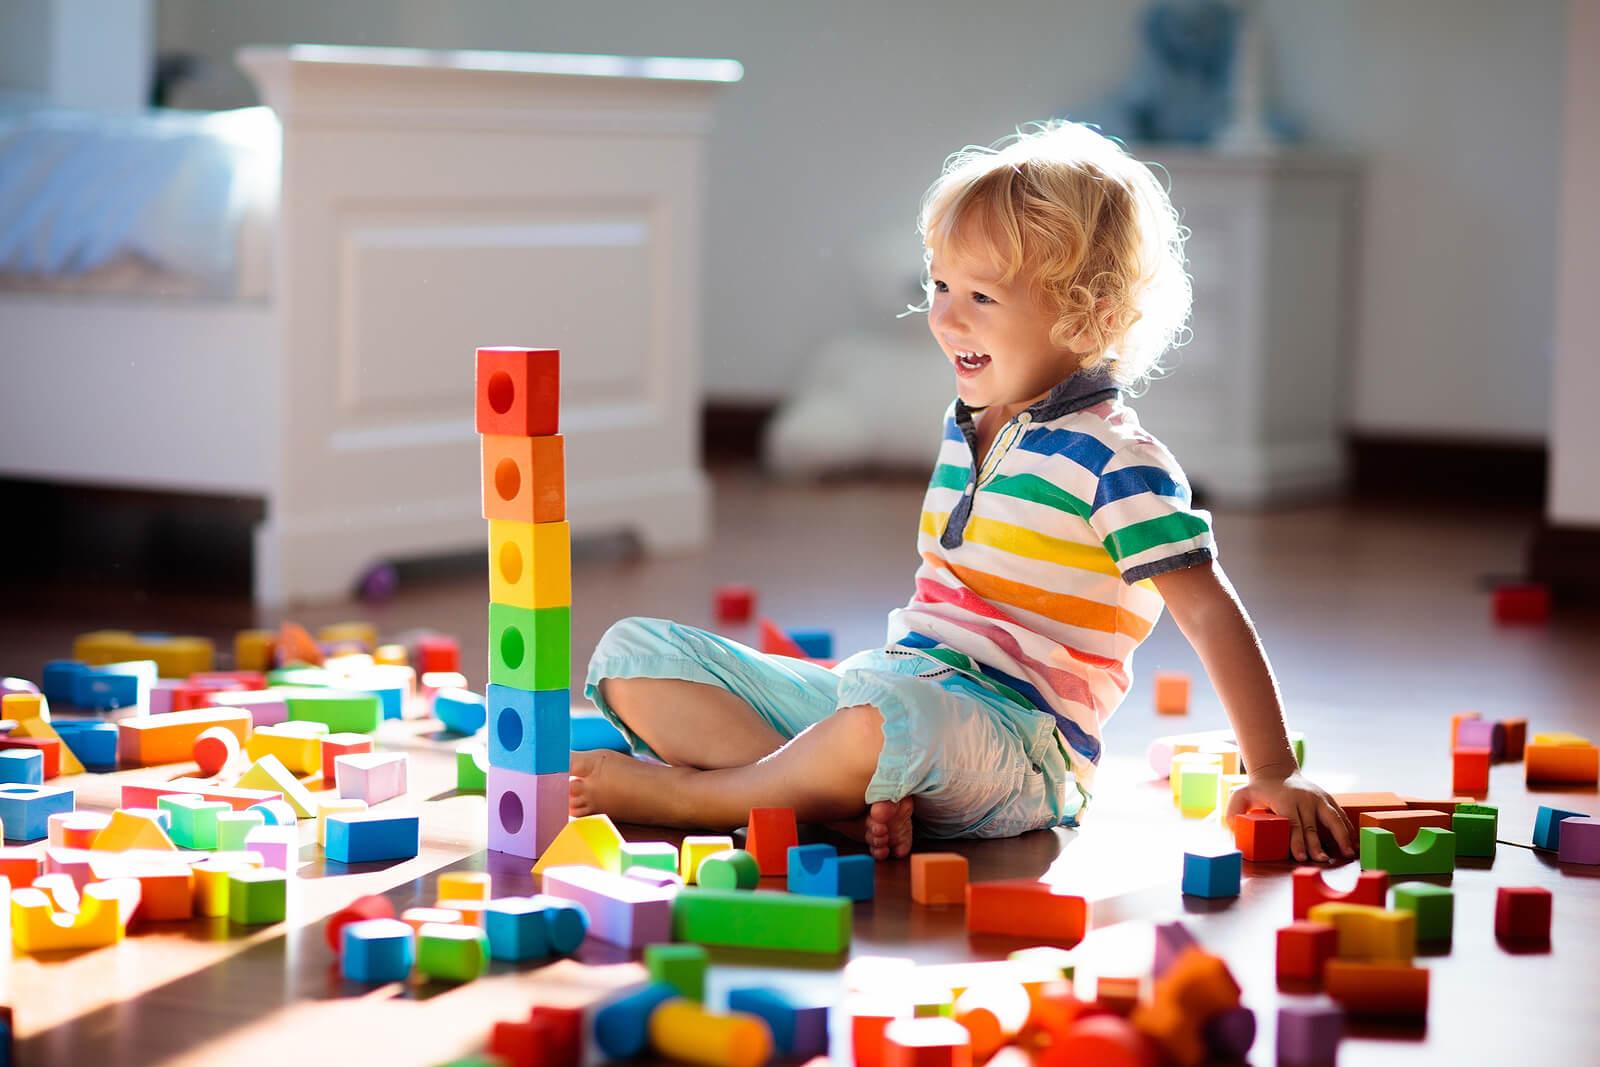 Niño aprendiendo mientras juega gracias al juego creativo.